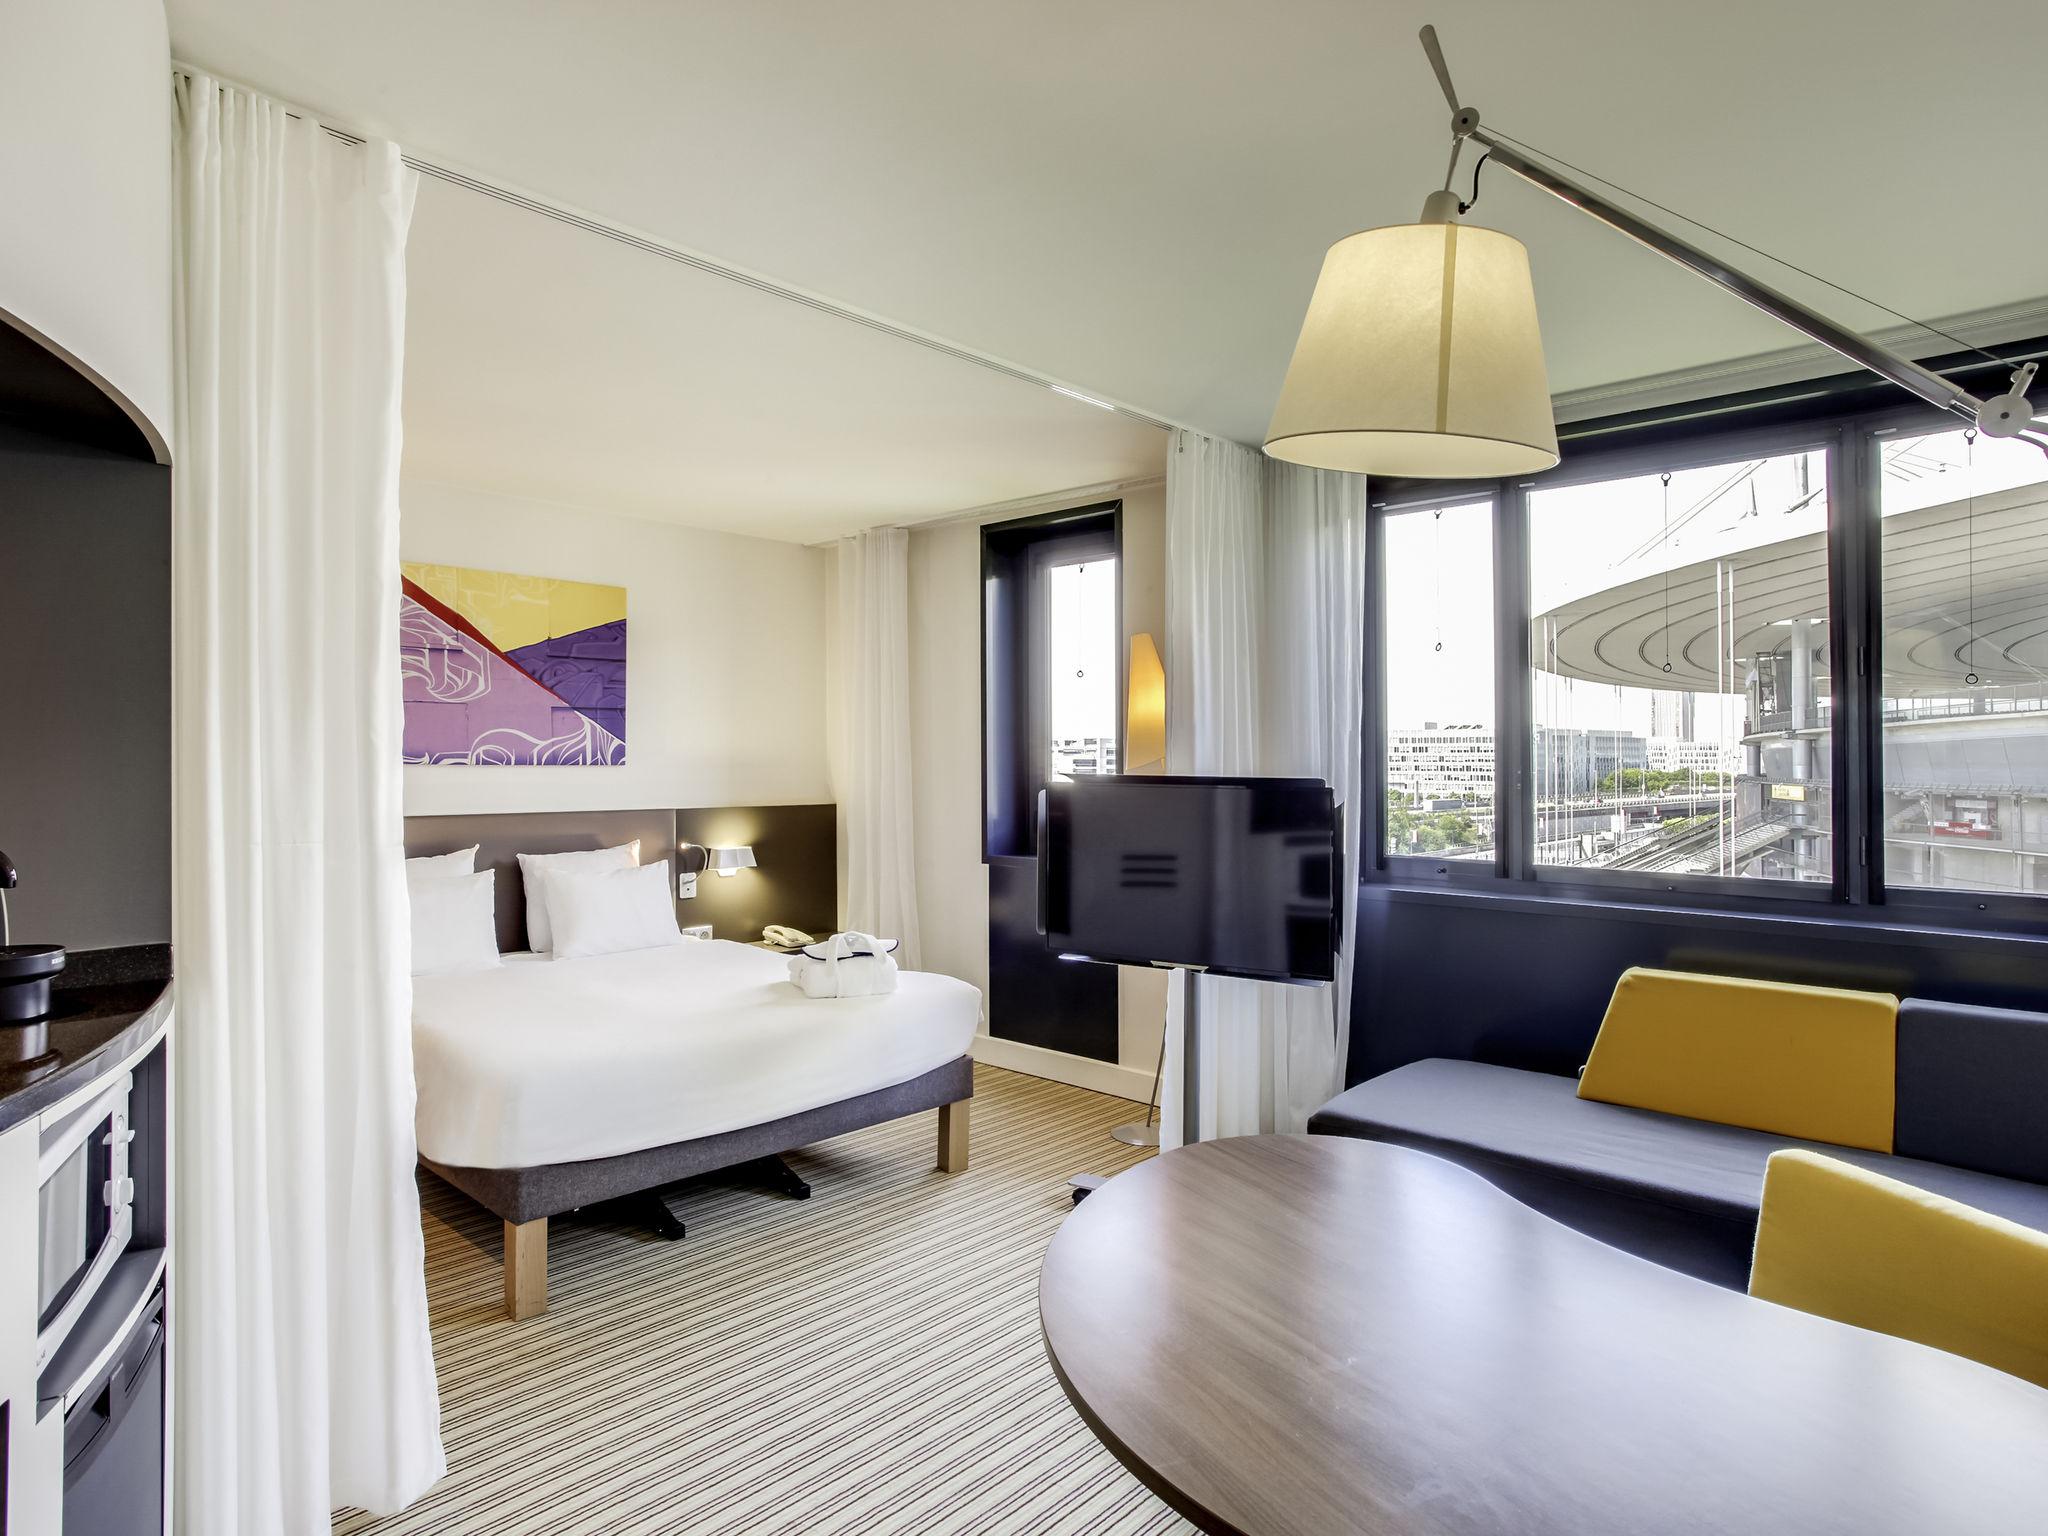 酒店 – 法兰西体育场诺富特套房酒店